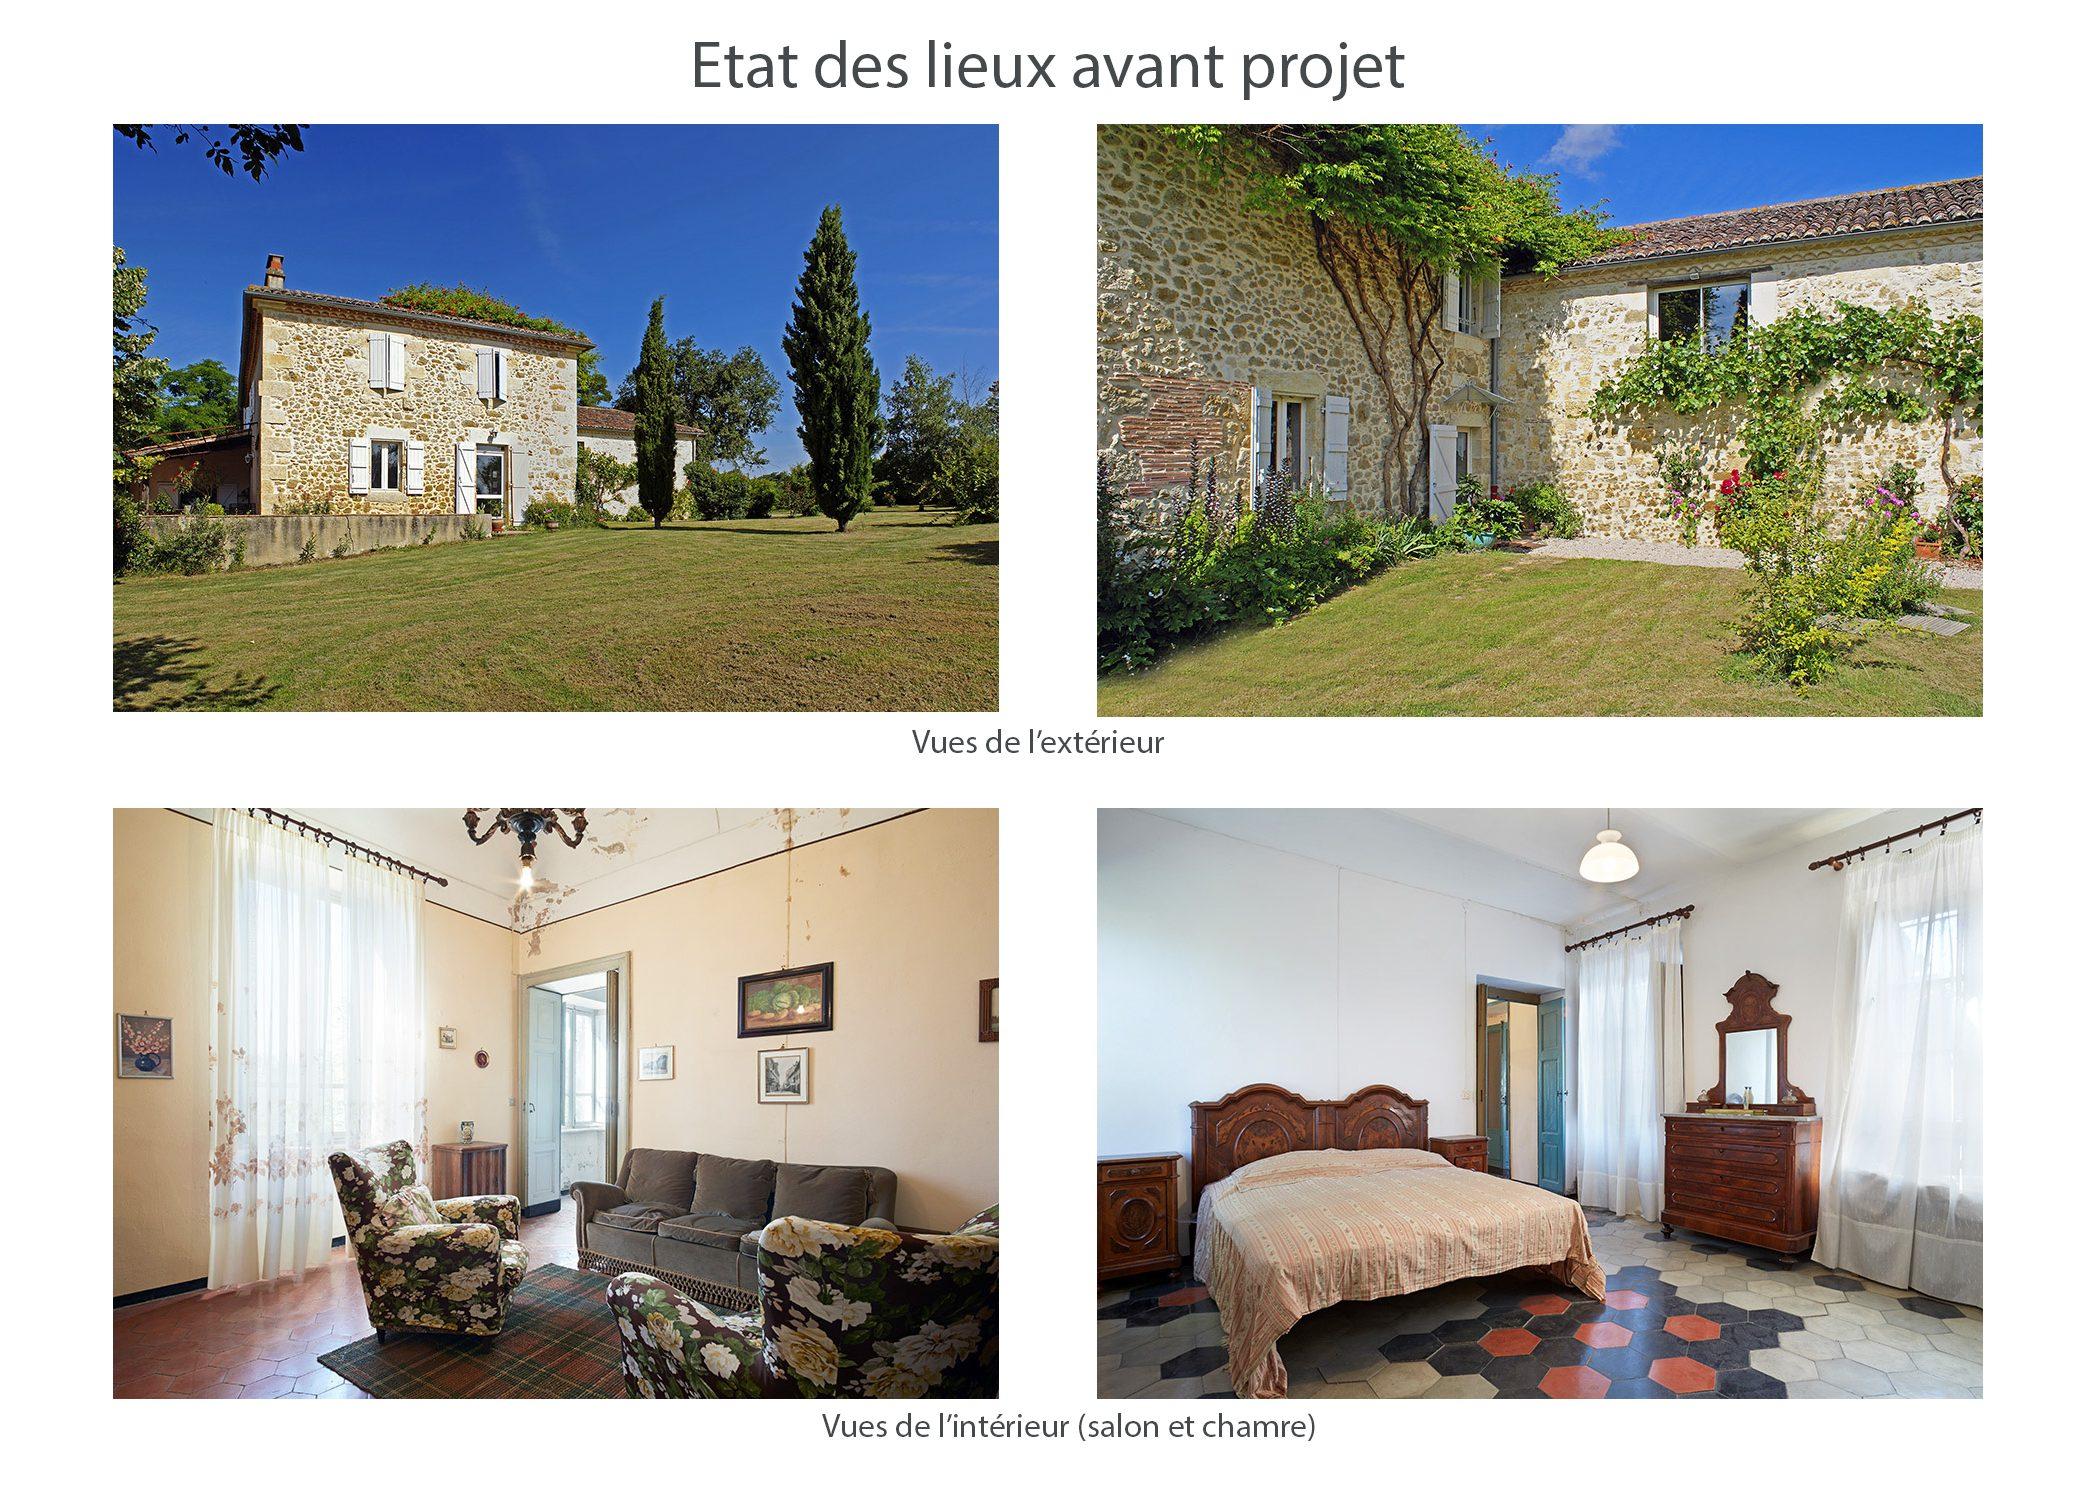 amenagement-decoration-maison de famille-campagne-provence-etat des lieux avant projet-dekho design